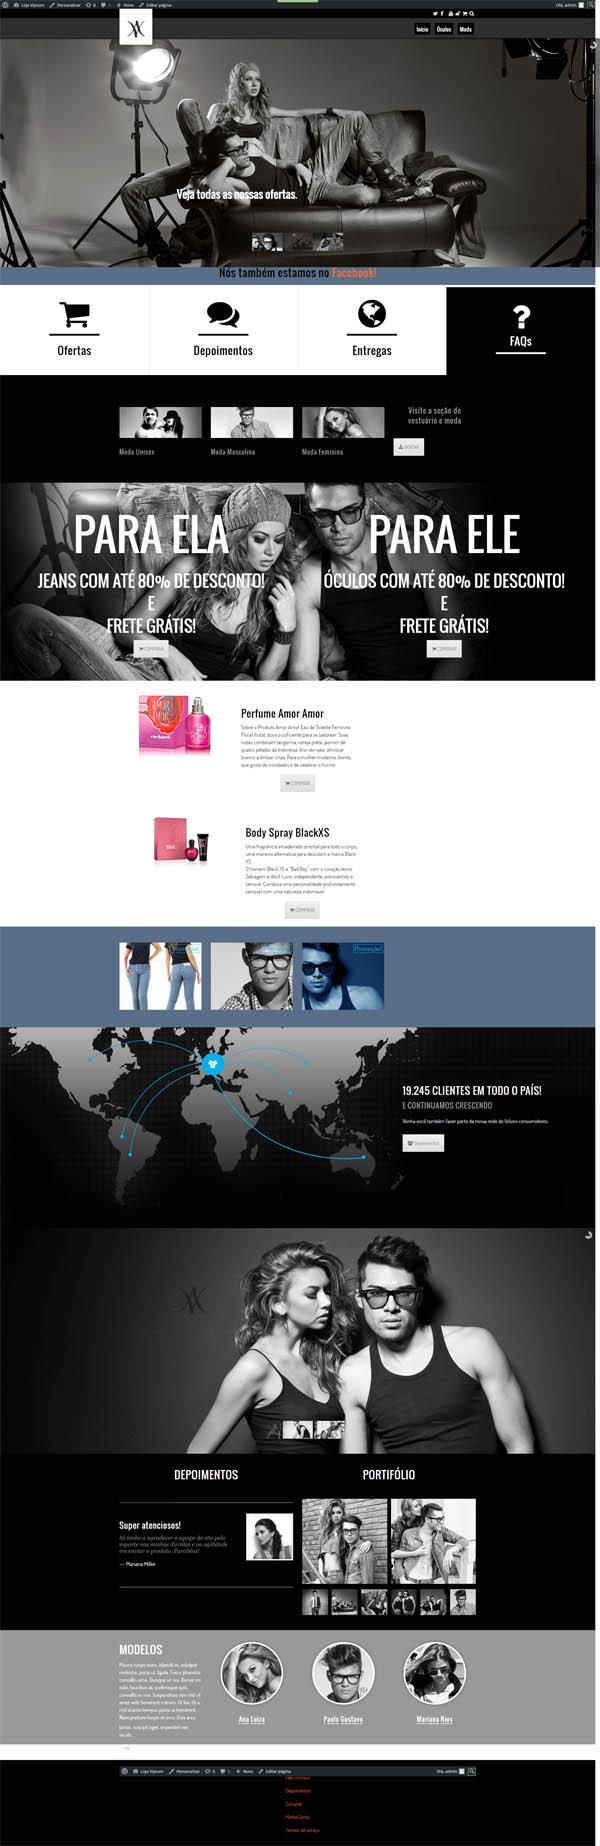 criar-um-site-de-vendas-na-internet